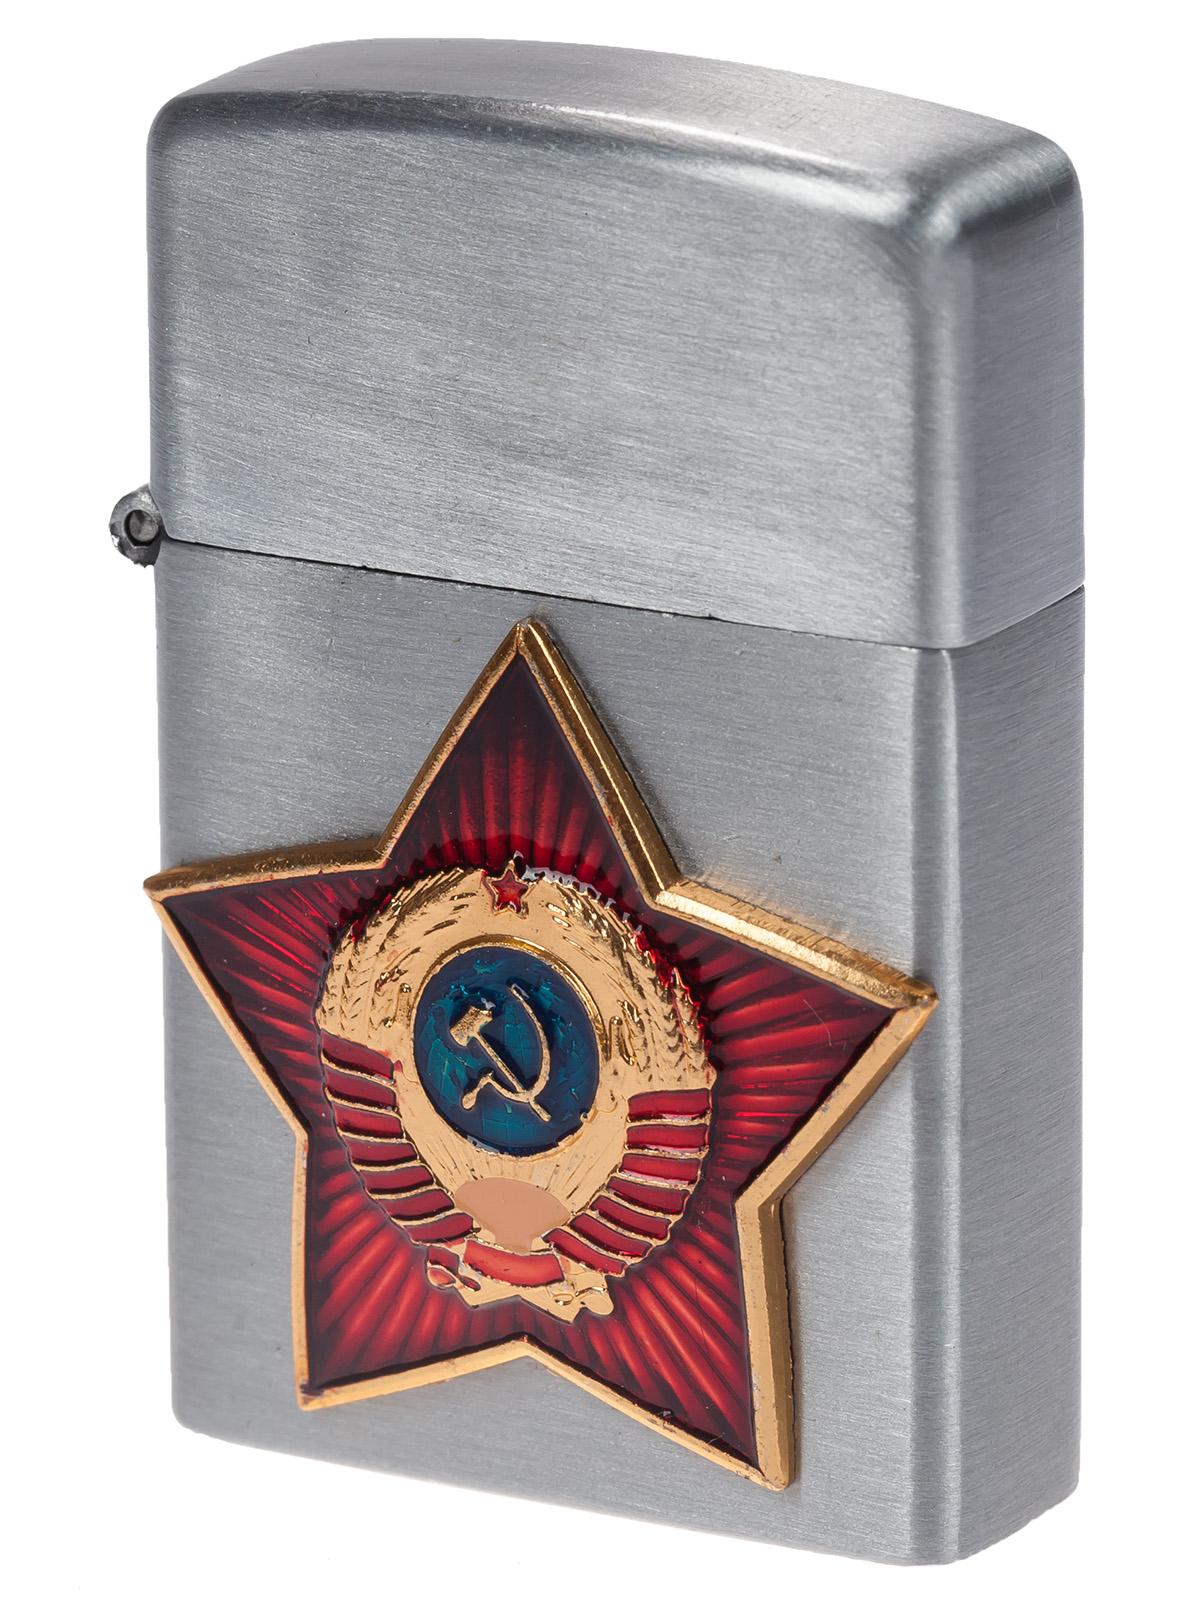 Заказать газовые зажигалки Zippo Советский Союз онлайн недорого